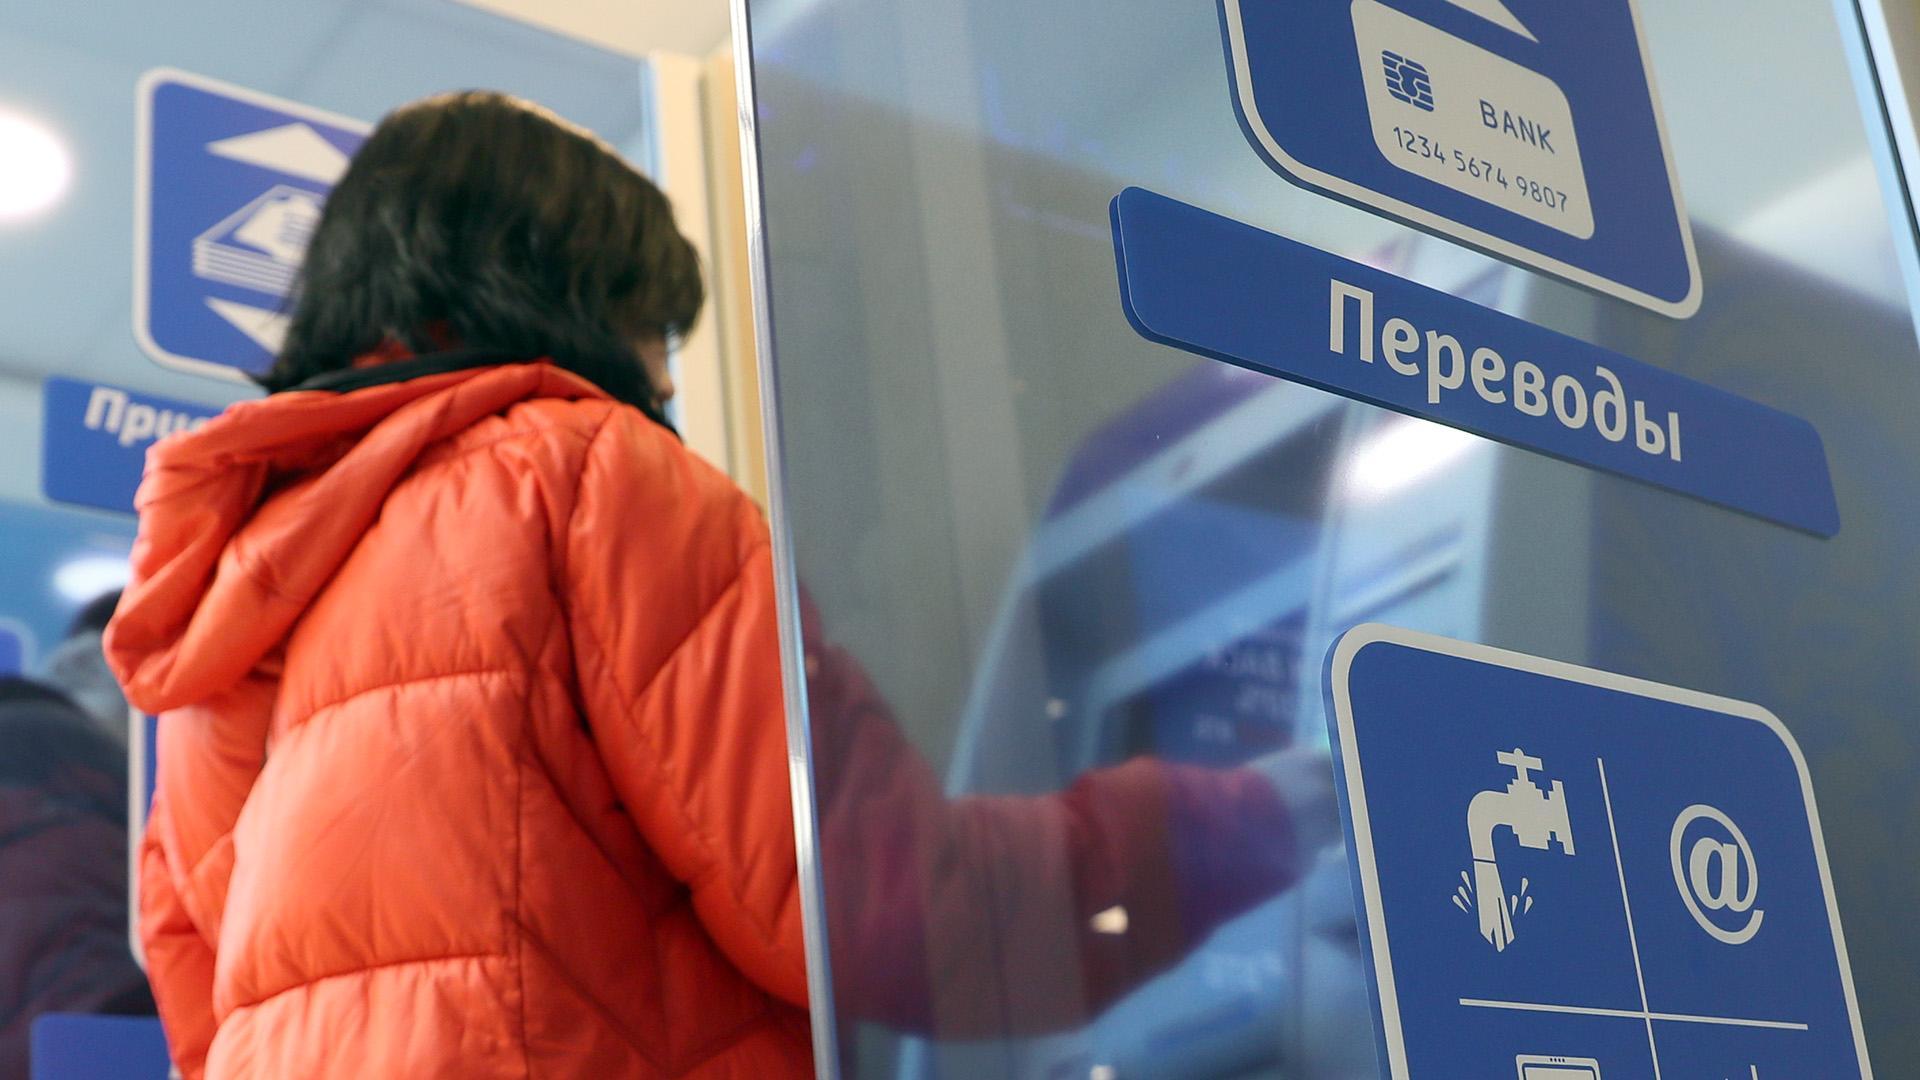 Банки начали тестировать программы контроля над финансами граждан